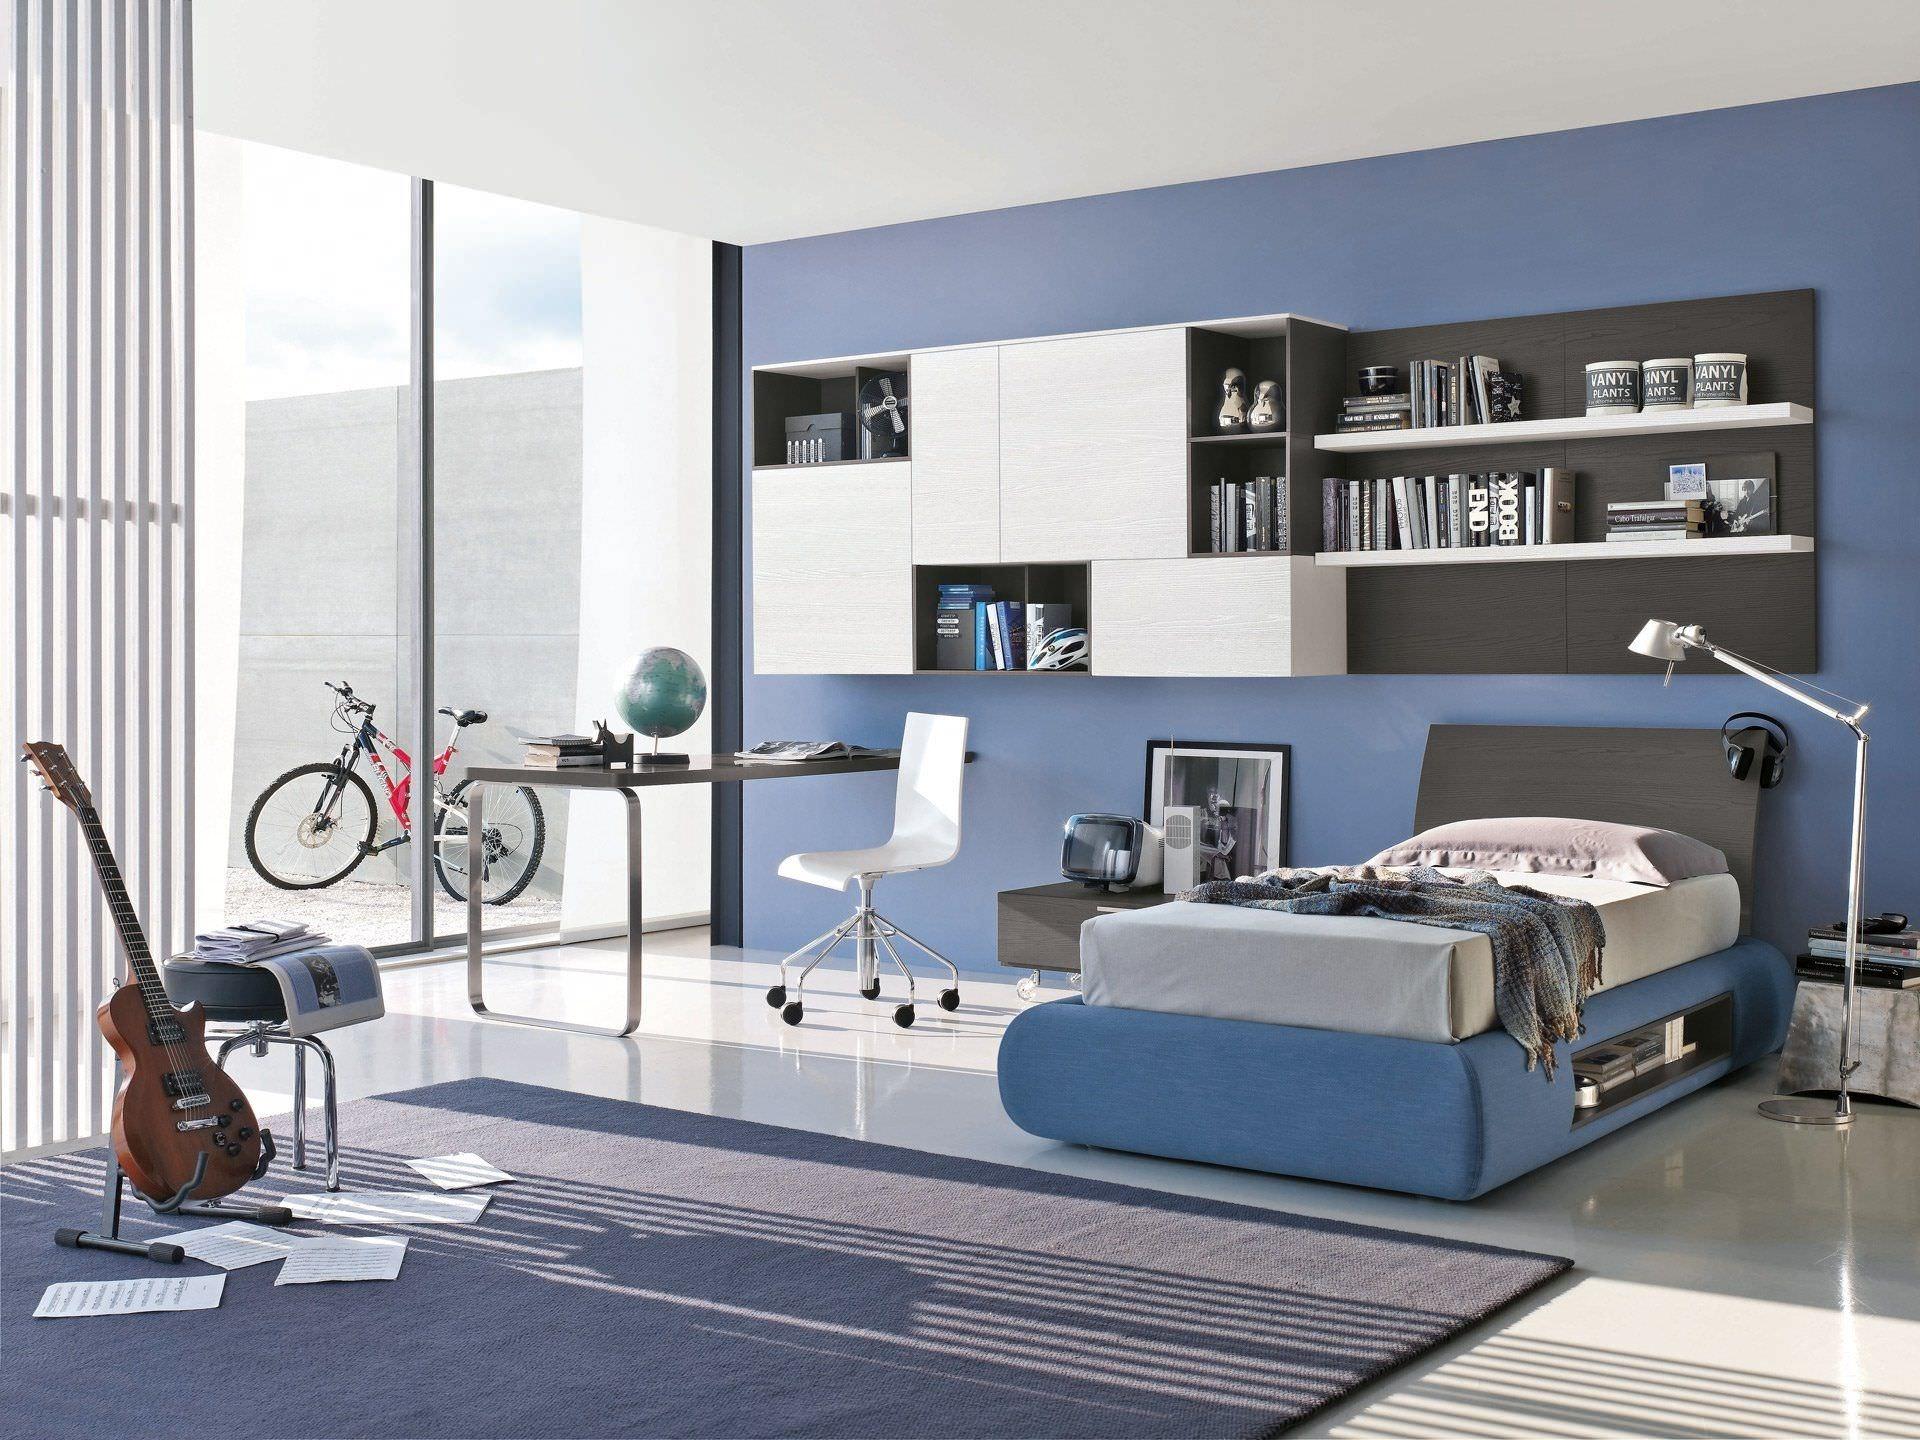 Les plus belles chambres denfants   Bricolage maison